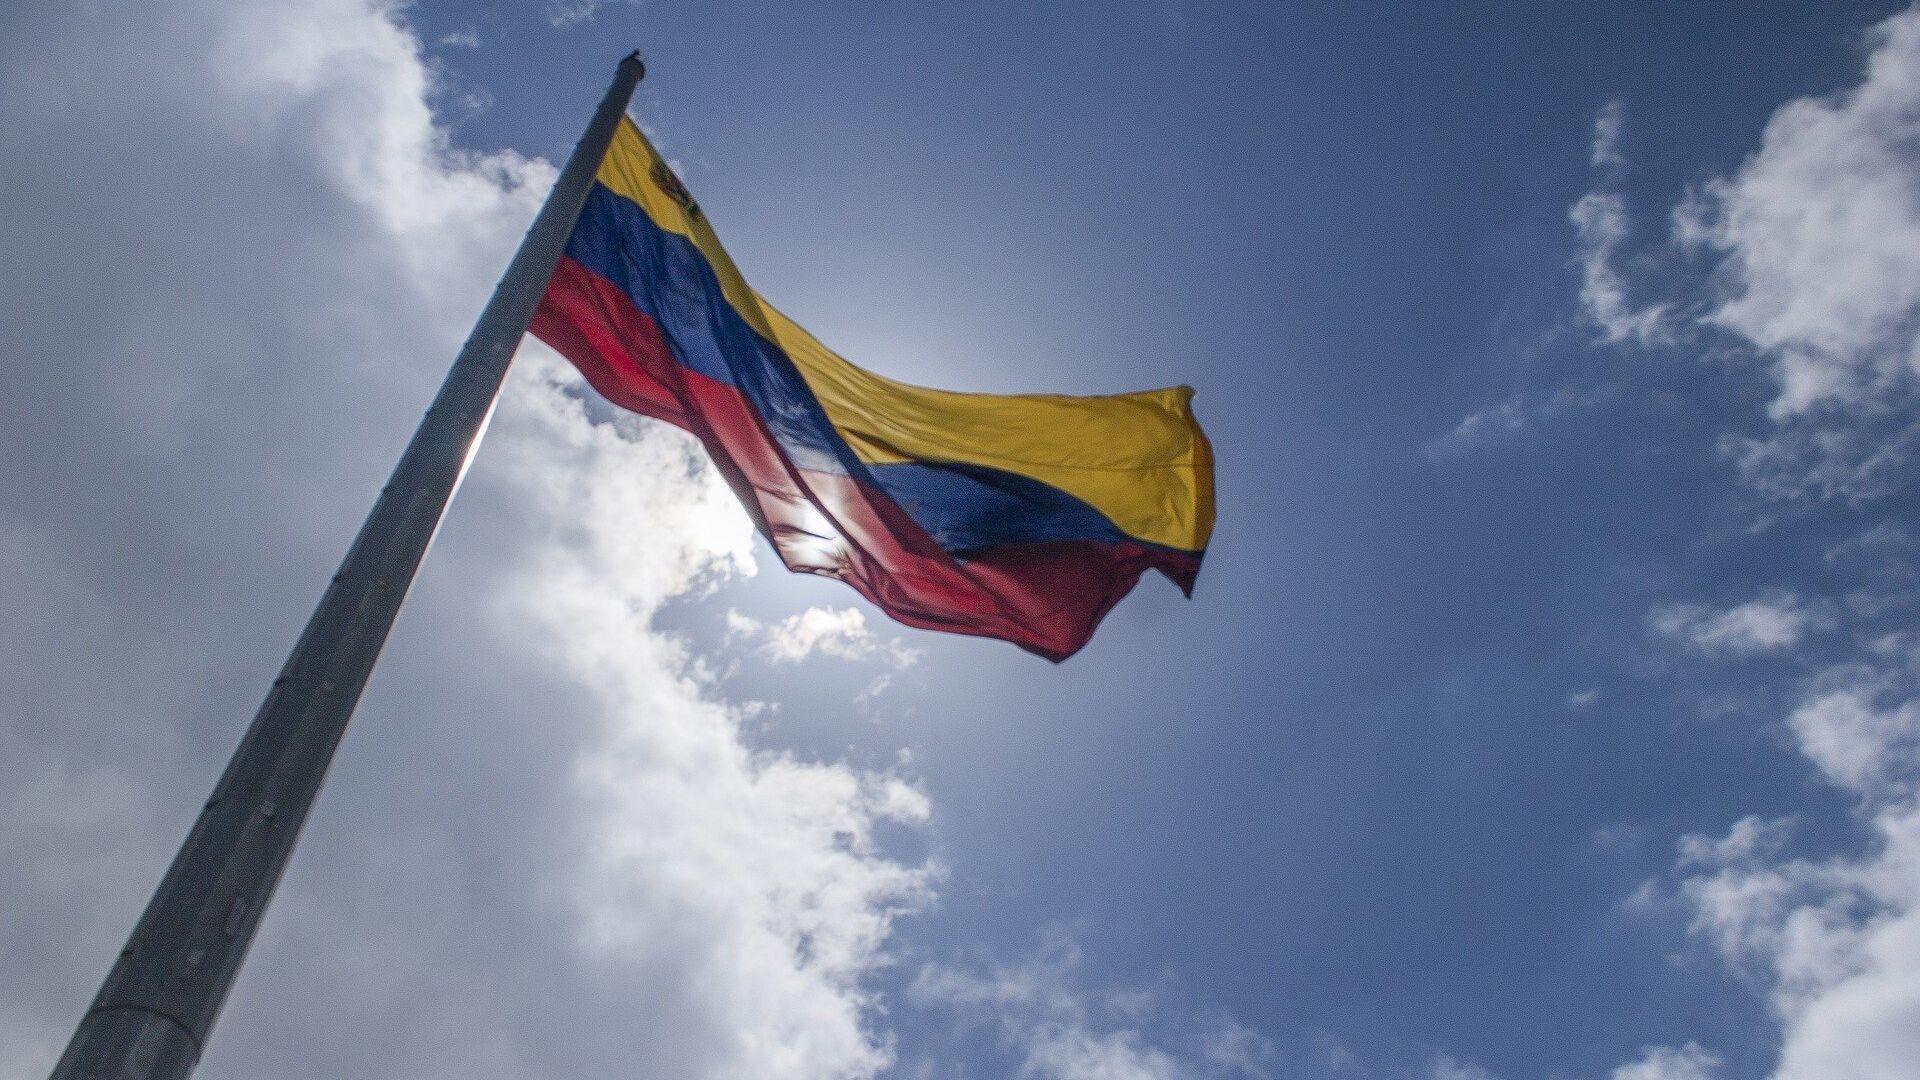 La bandera de Venezuela - Sputnik Mundo, 1920, 30.08.2021